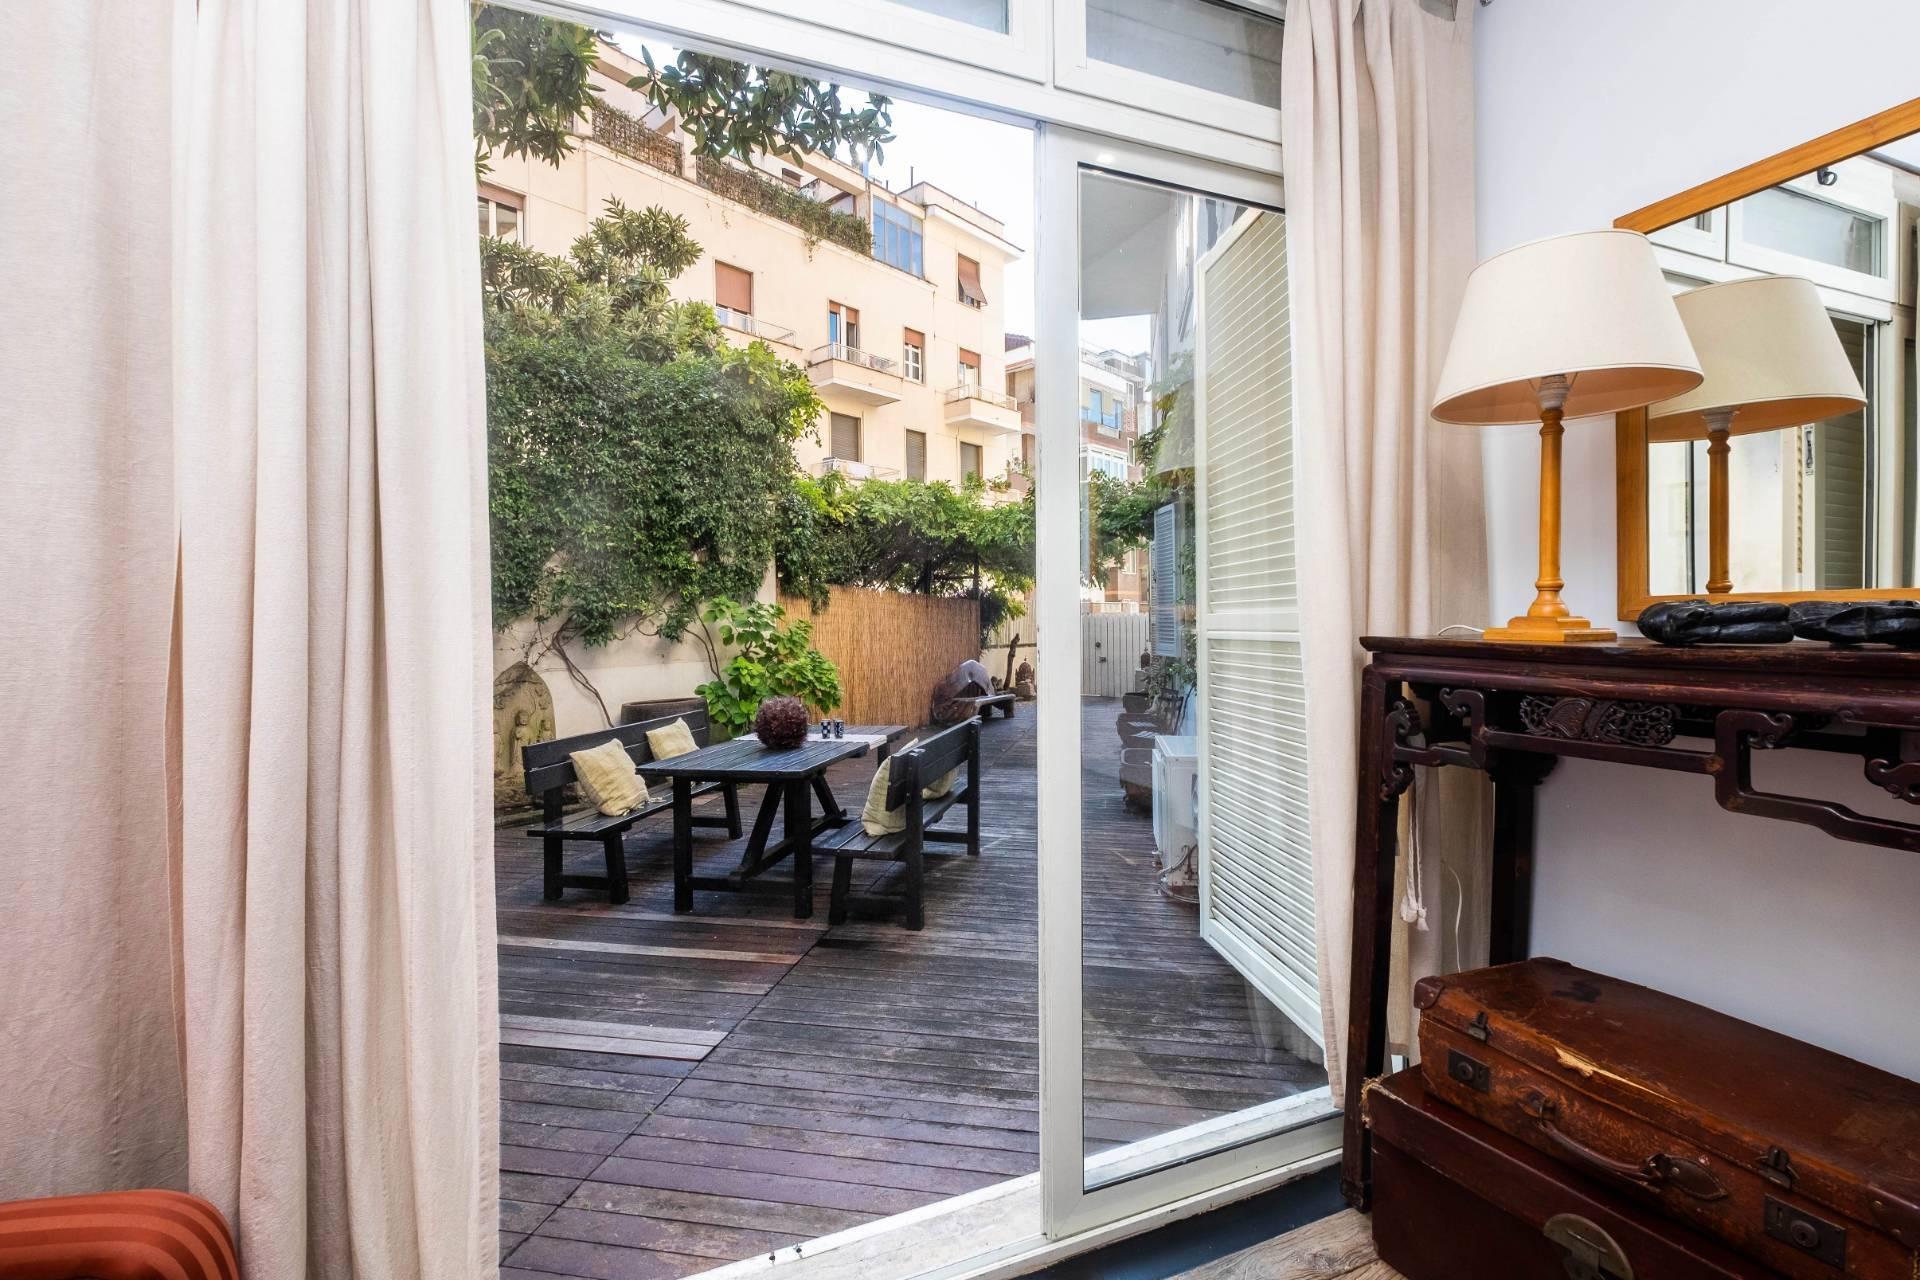 Appartamento all'Aventino con incantevole giardino privato - 16